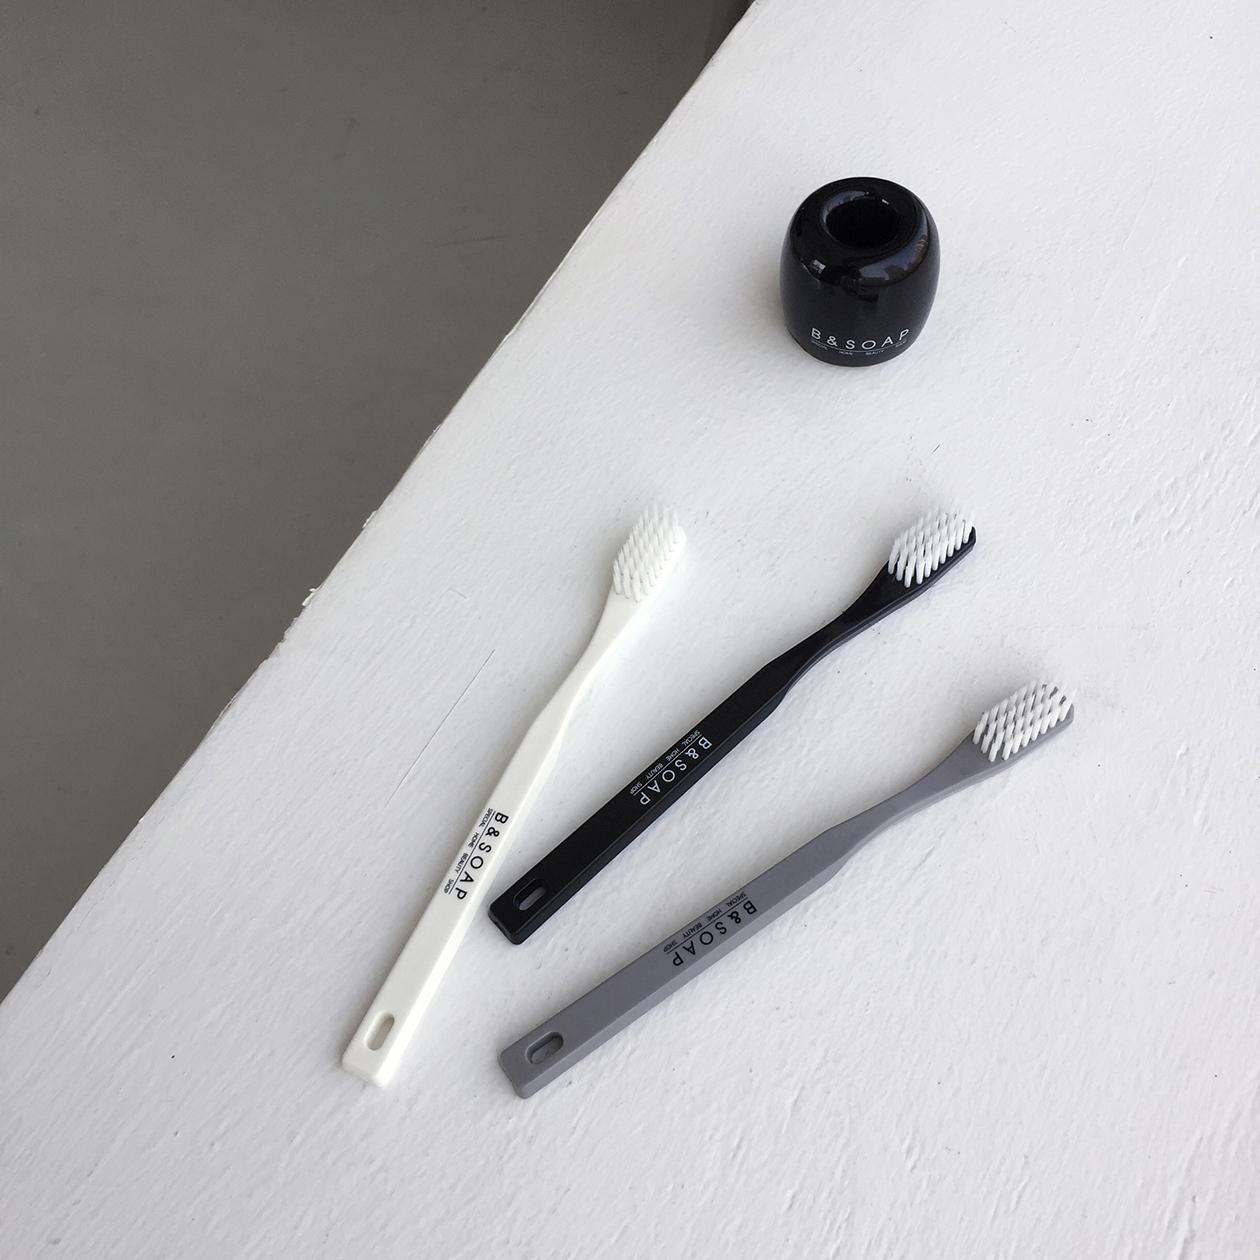 썸띵 스페셜 칫솔(black)4,000원-비앤솝리빙/가전, 욕실, 양치, 칫솔/치실바보사랑썸띵 스페셜 칫솔(black)4,000원-비앤솝리빙/가전, 욕실, 양치, 칫솔/치실바보사랑